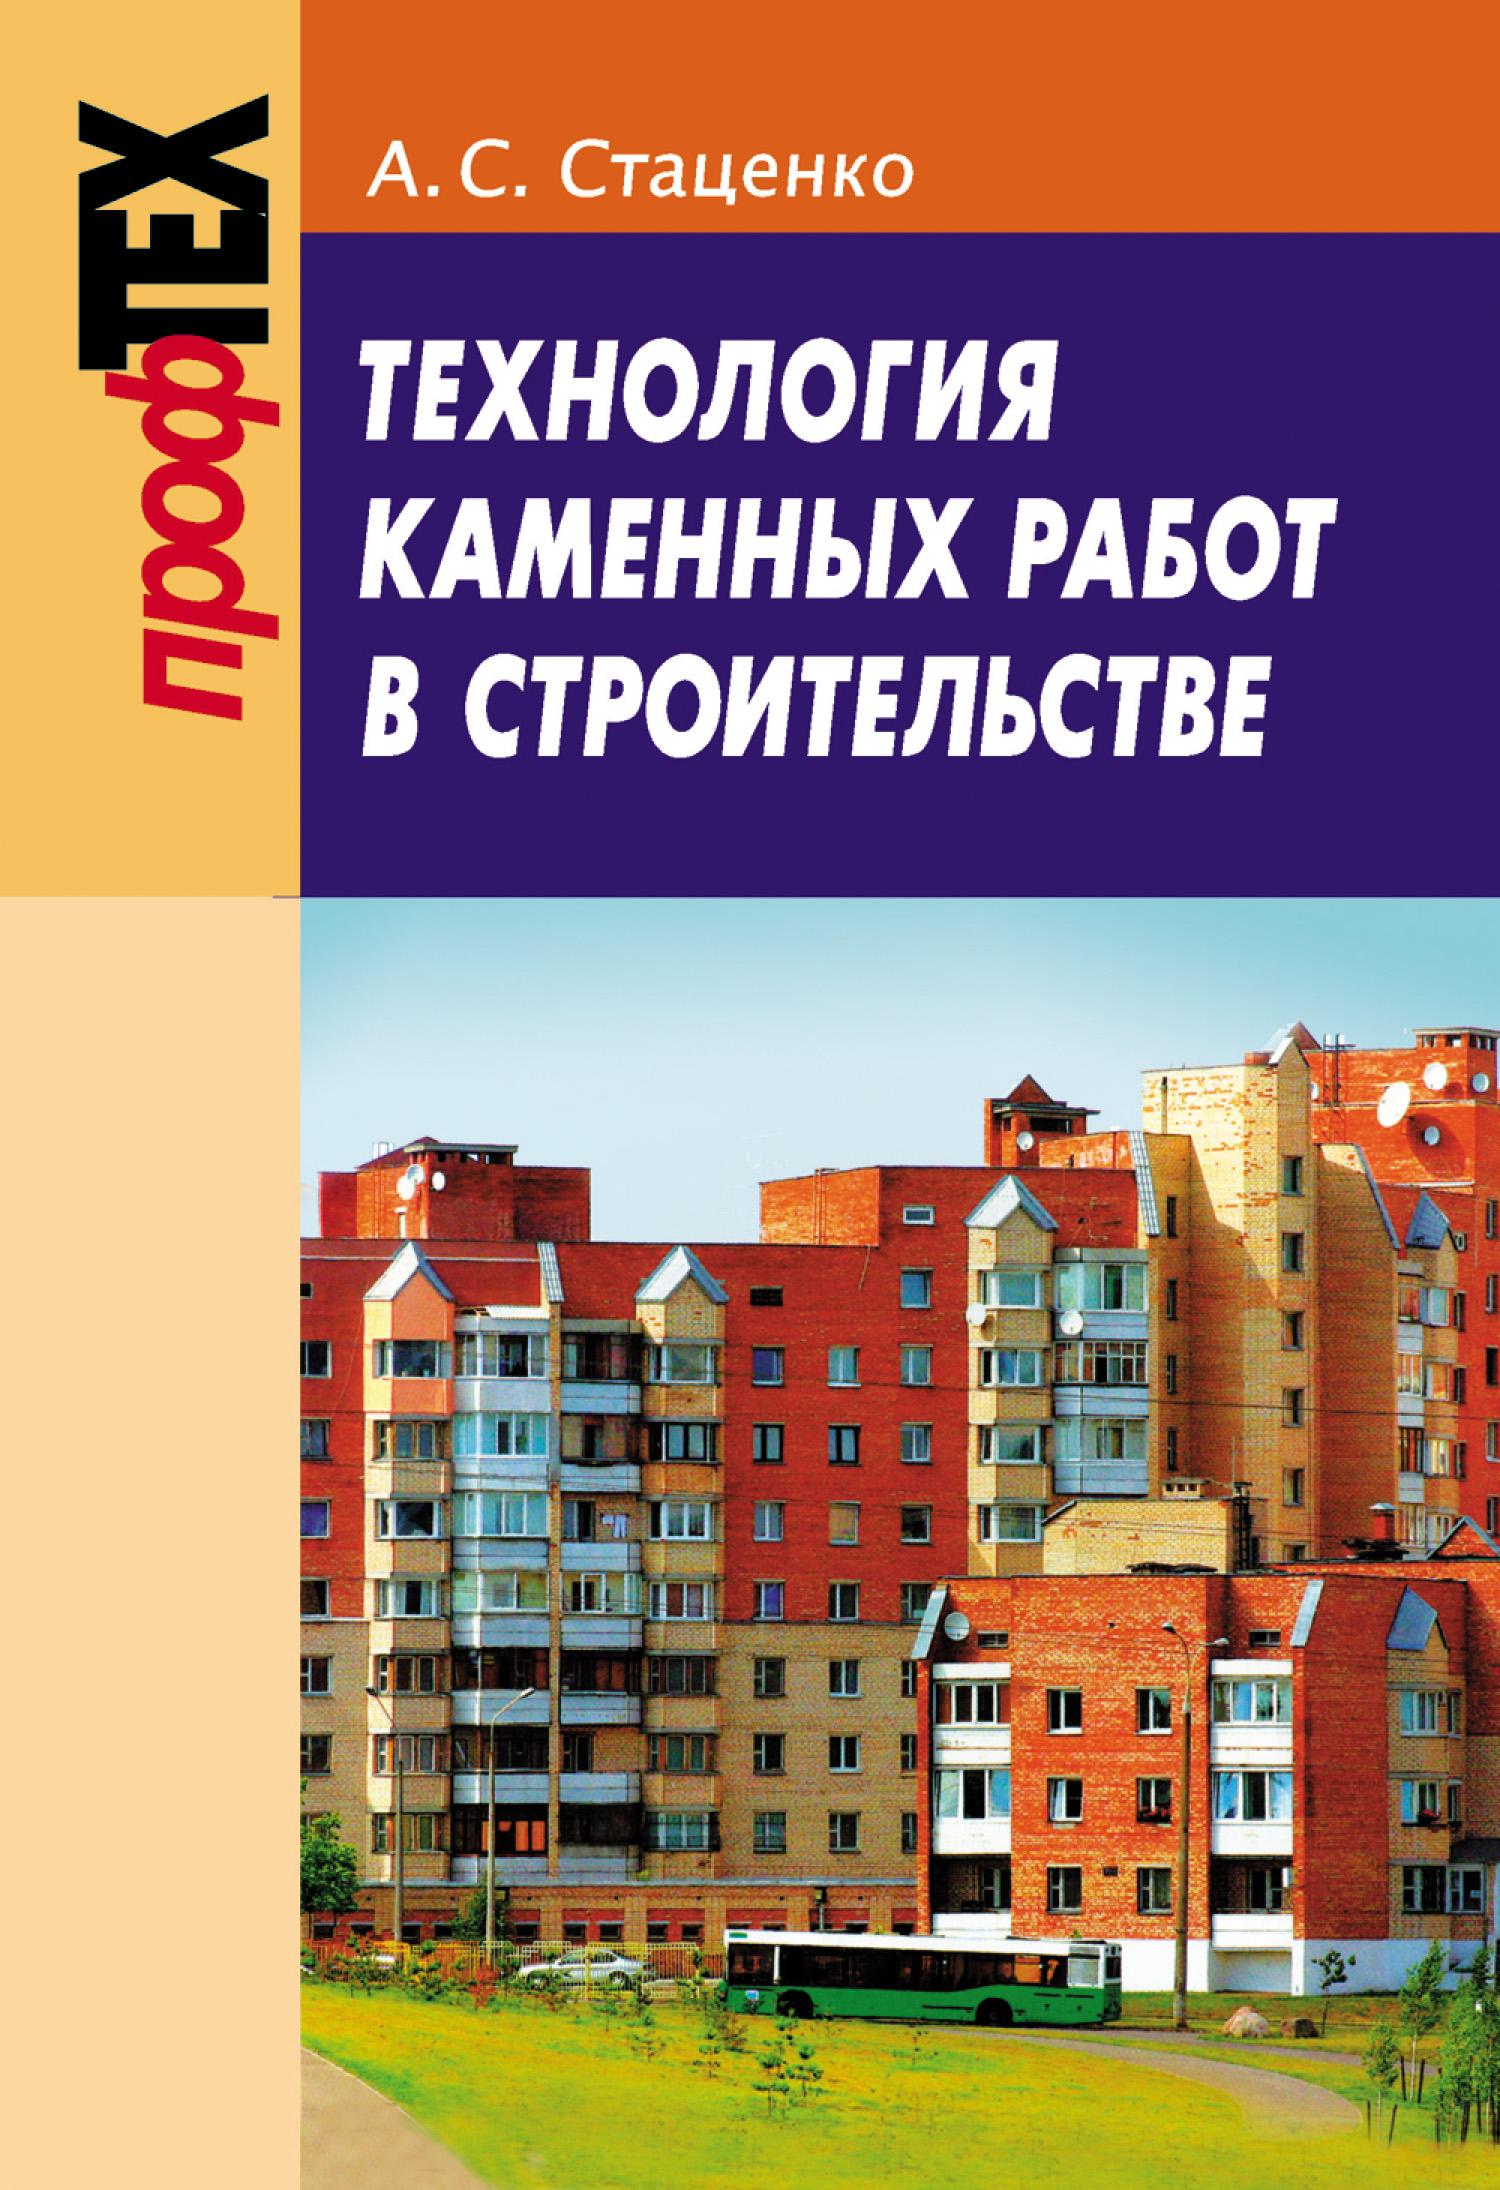 а c стаценко технология бетонных работ А. C. Стаценко Технология каменных работ в строительстве